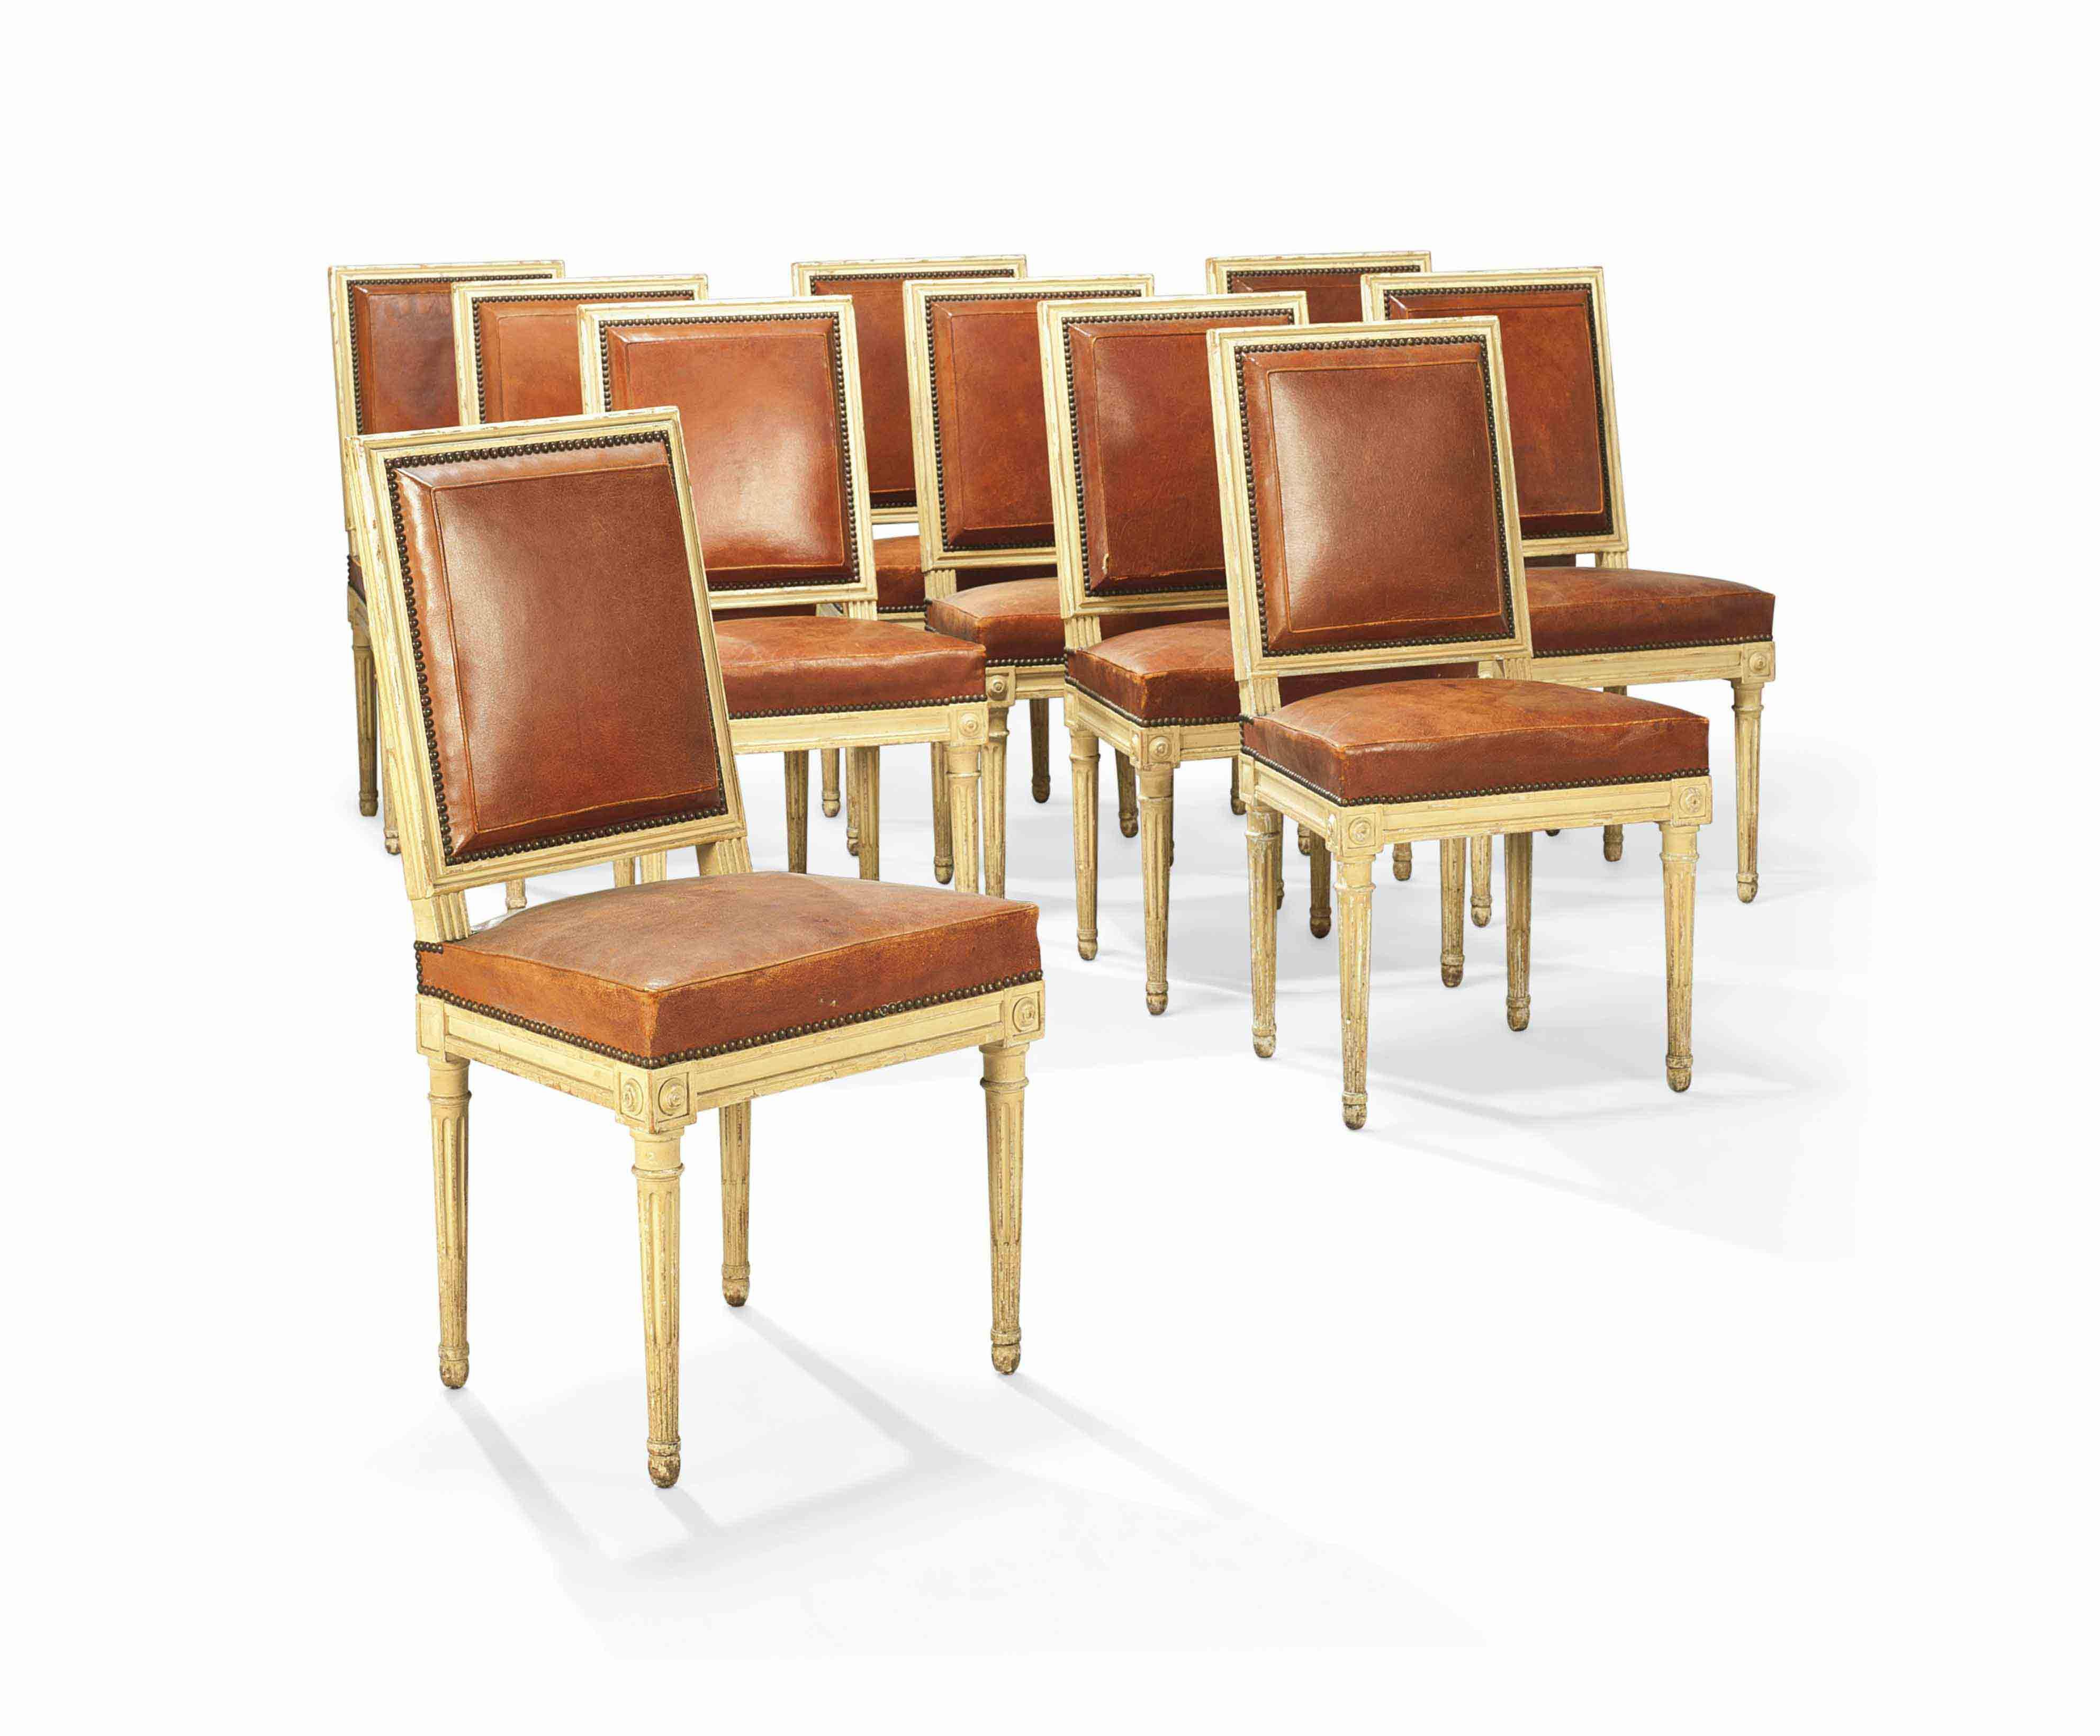 SUITE DE VINGT CHAISES DE STYLE LOUIS XVI | XXEME SIECLE | Furniture on